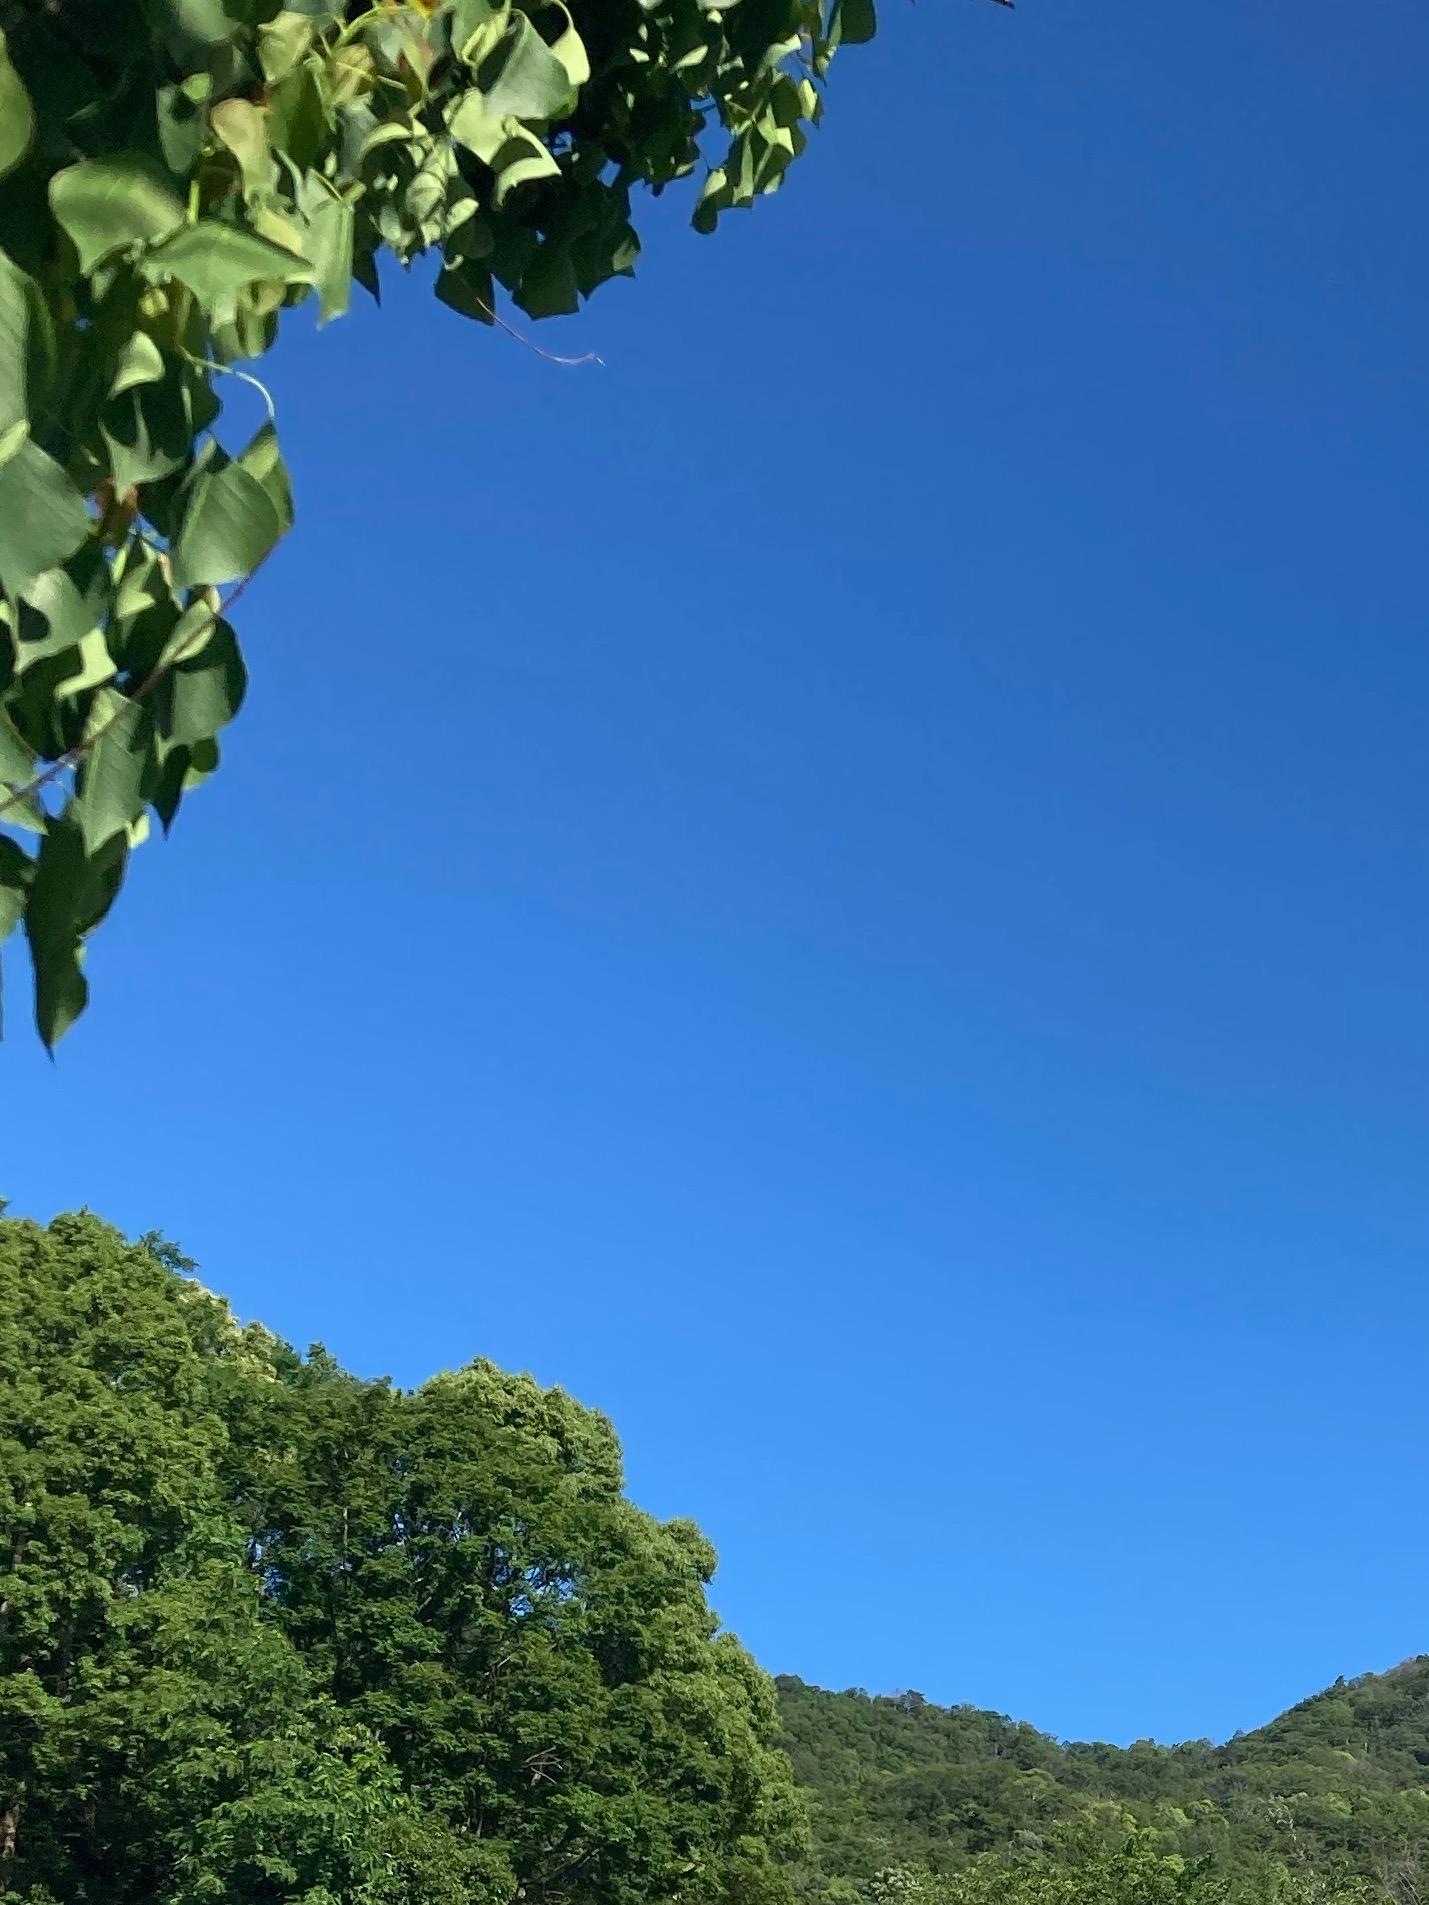 梅雨入り間近の鮮やかな青空!